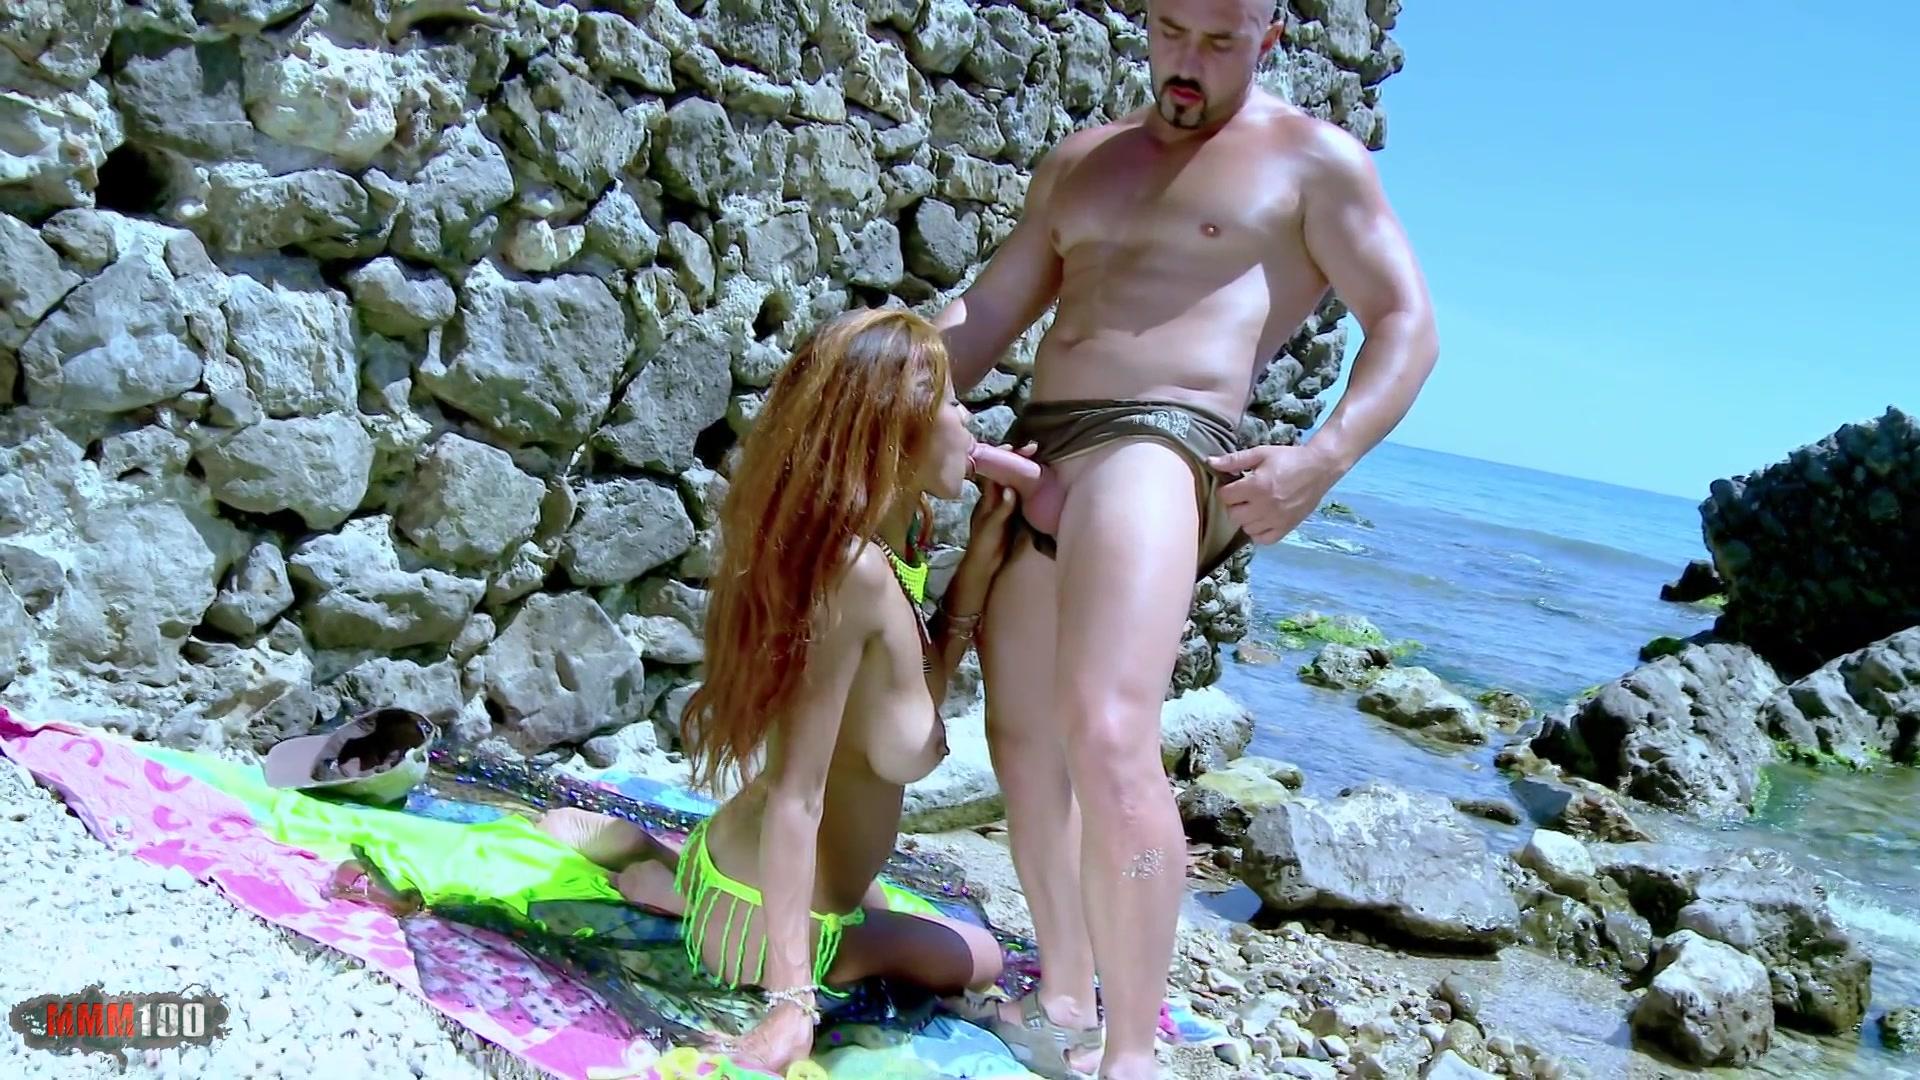 sex a la plage sexe chaud